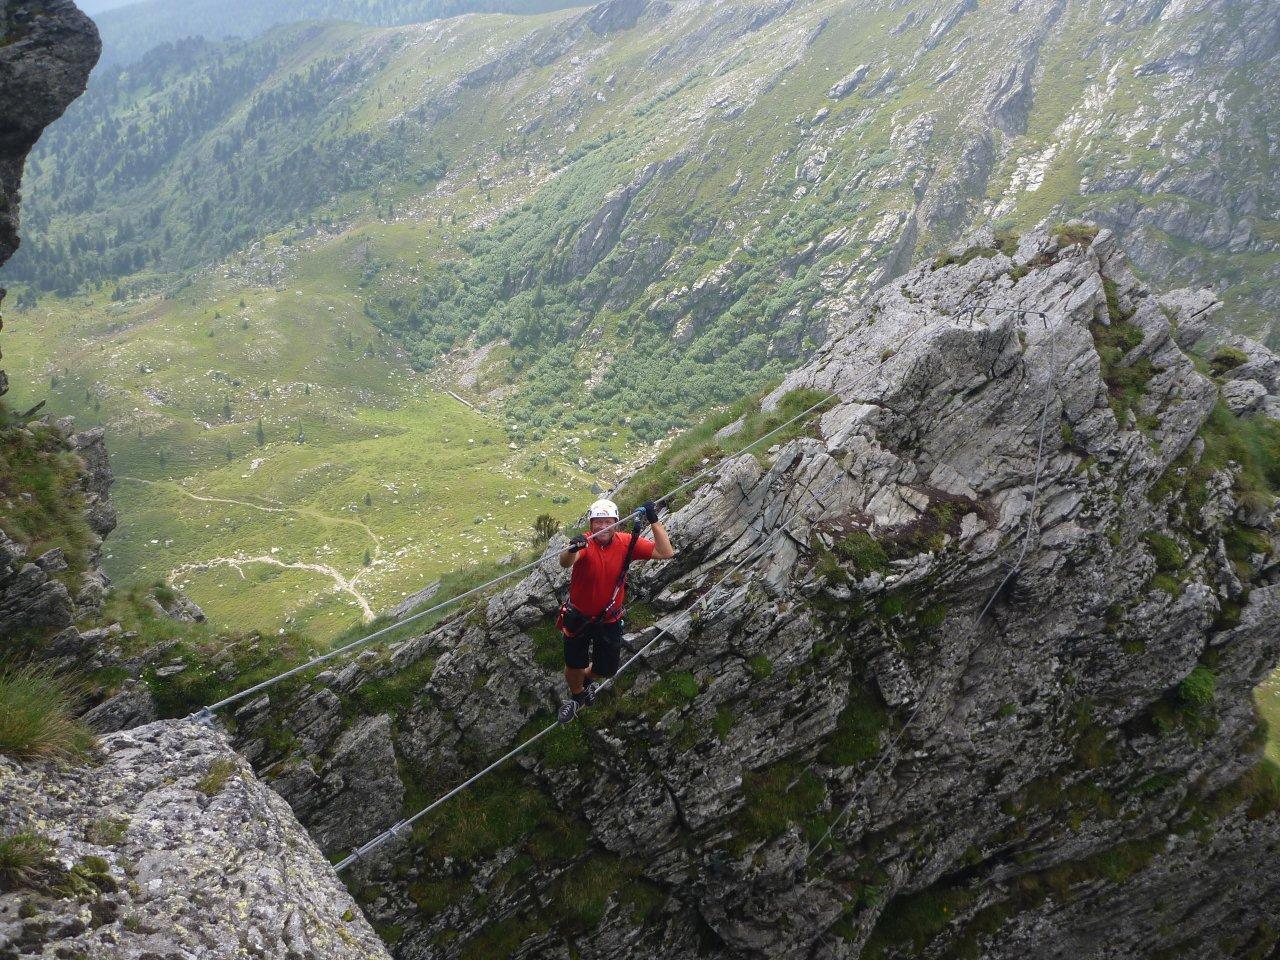 Klettersteig Falkert : Fotogalerie tourfotos fotos zur klettersteig tour falken